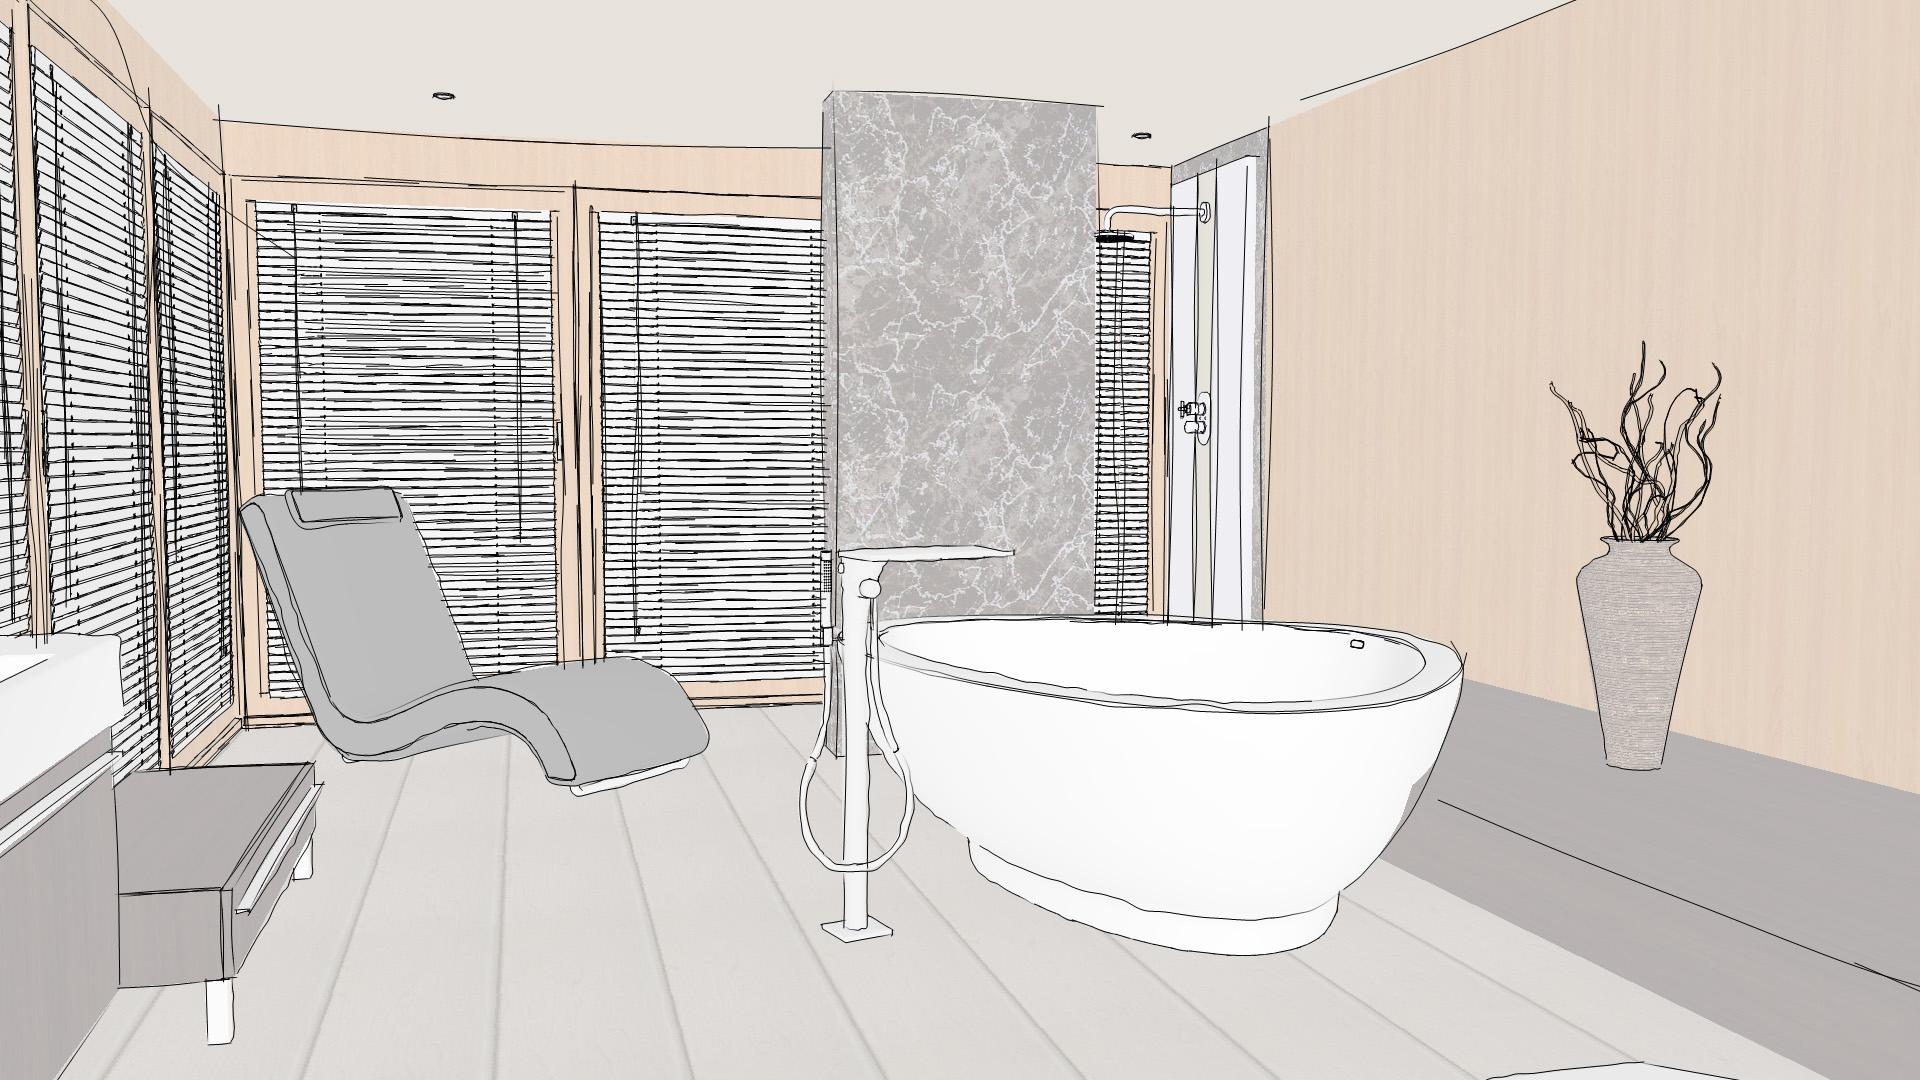 Un outil pour concevoir soi m me sa future salle de bains for Concevoir sa salle de bain